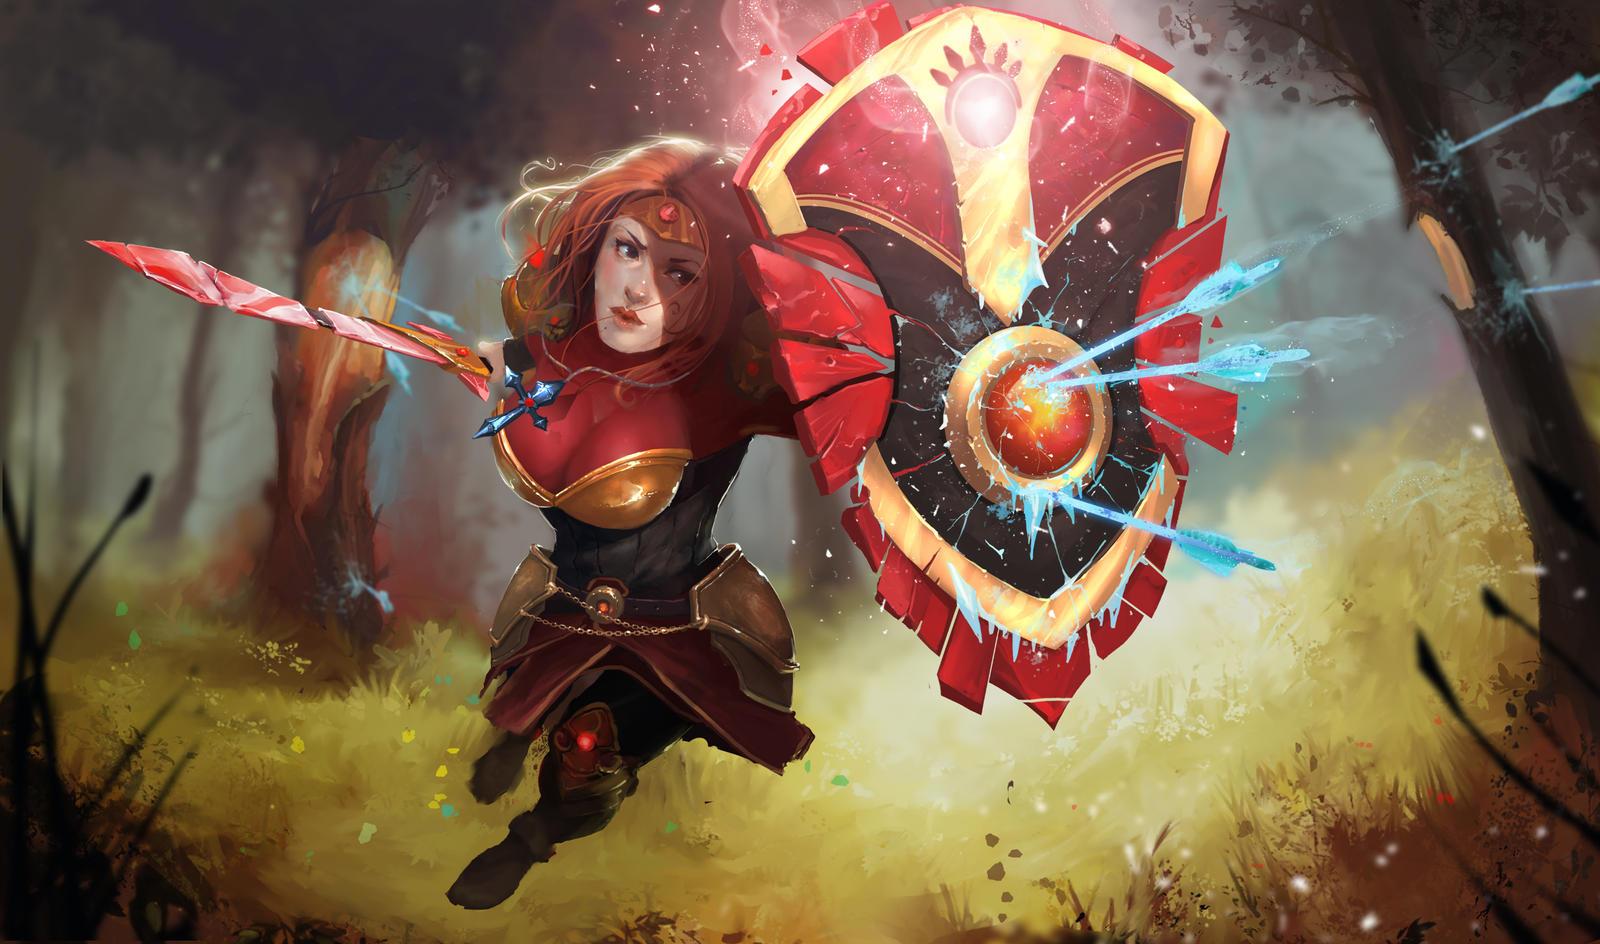 League of Legends fan art Leona by BTauciuc on DeviantArt